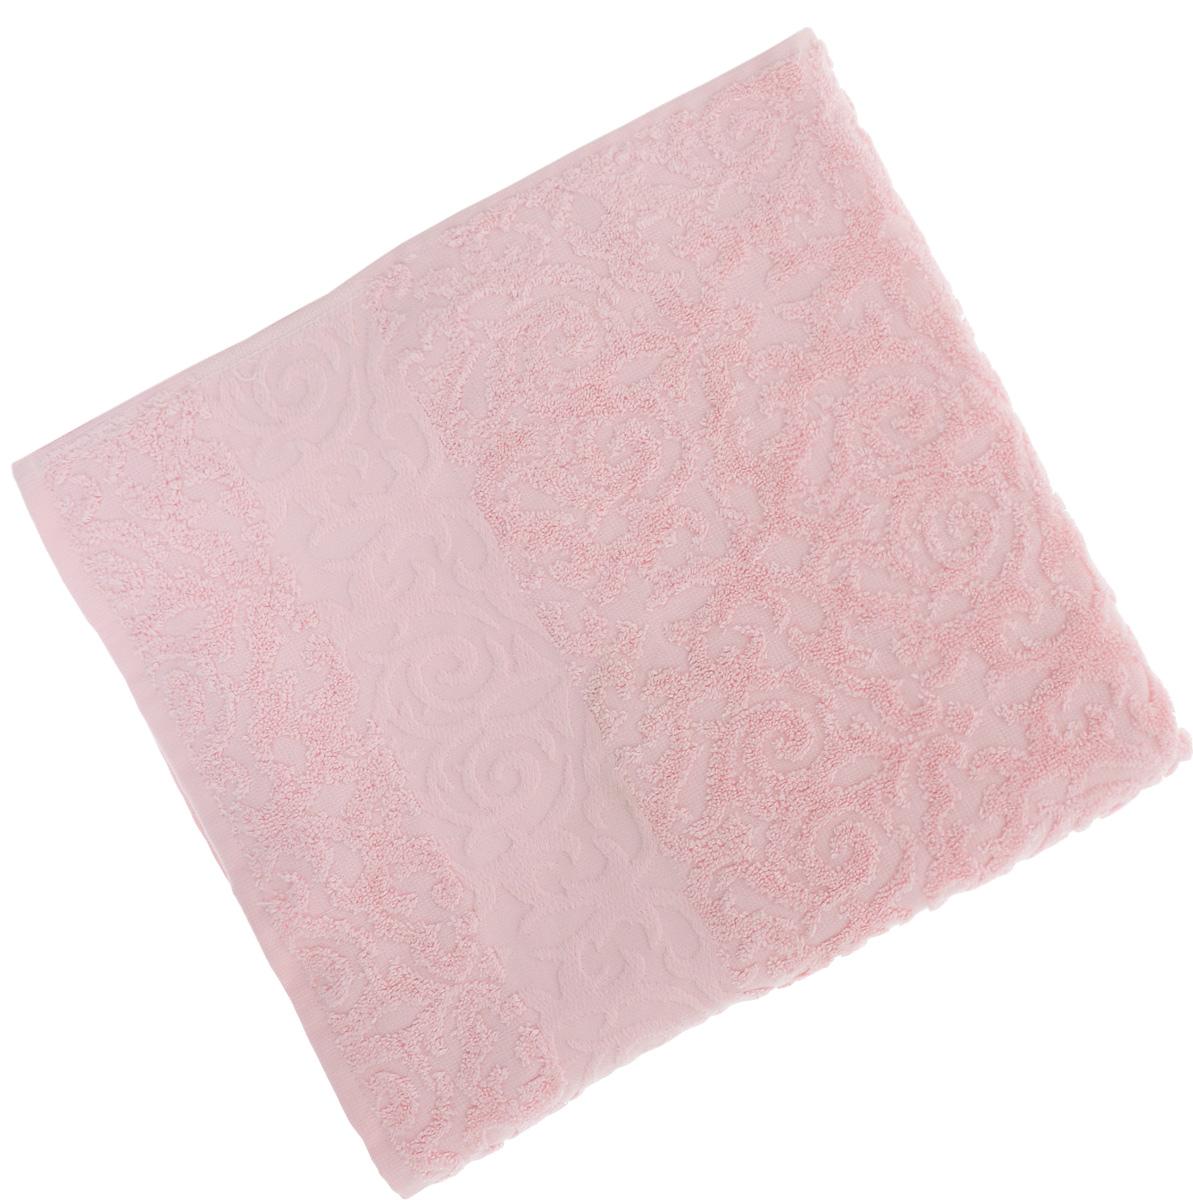 Полотенце Soavita Luxury. Квадро, цвет: розовый, 70 х 140 см51640Полотенце Soavita Luxury. Квадро выполнено из 100% хлопка. Изделие отлично впитывает влагу, быстро сохнет, сохраняет яркость цвета и не теряет форму даже после многократных стирок. Полотенце очень практично и неприхотливо в уходе. Оно создаст прекрасное настроение и украсит интерьер в ванной комнате.